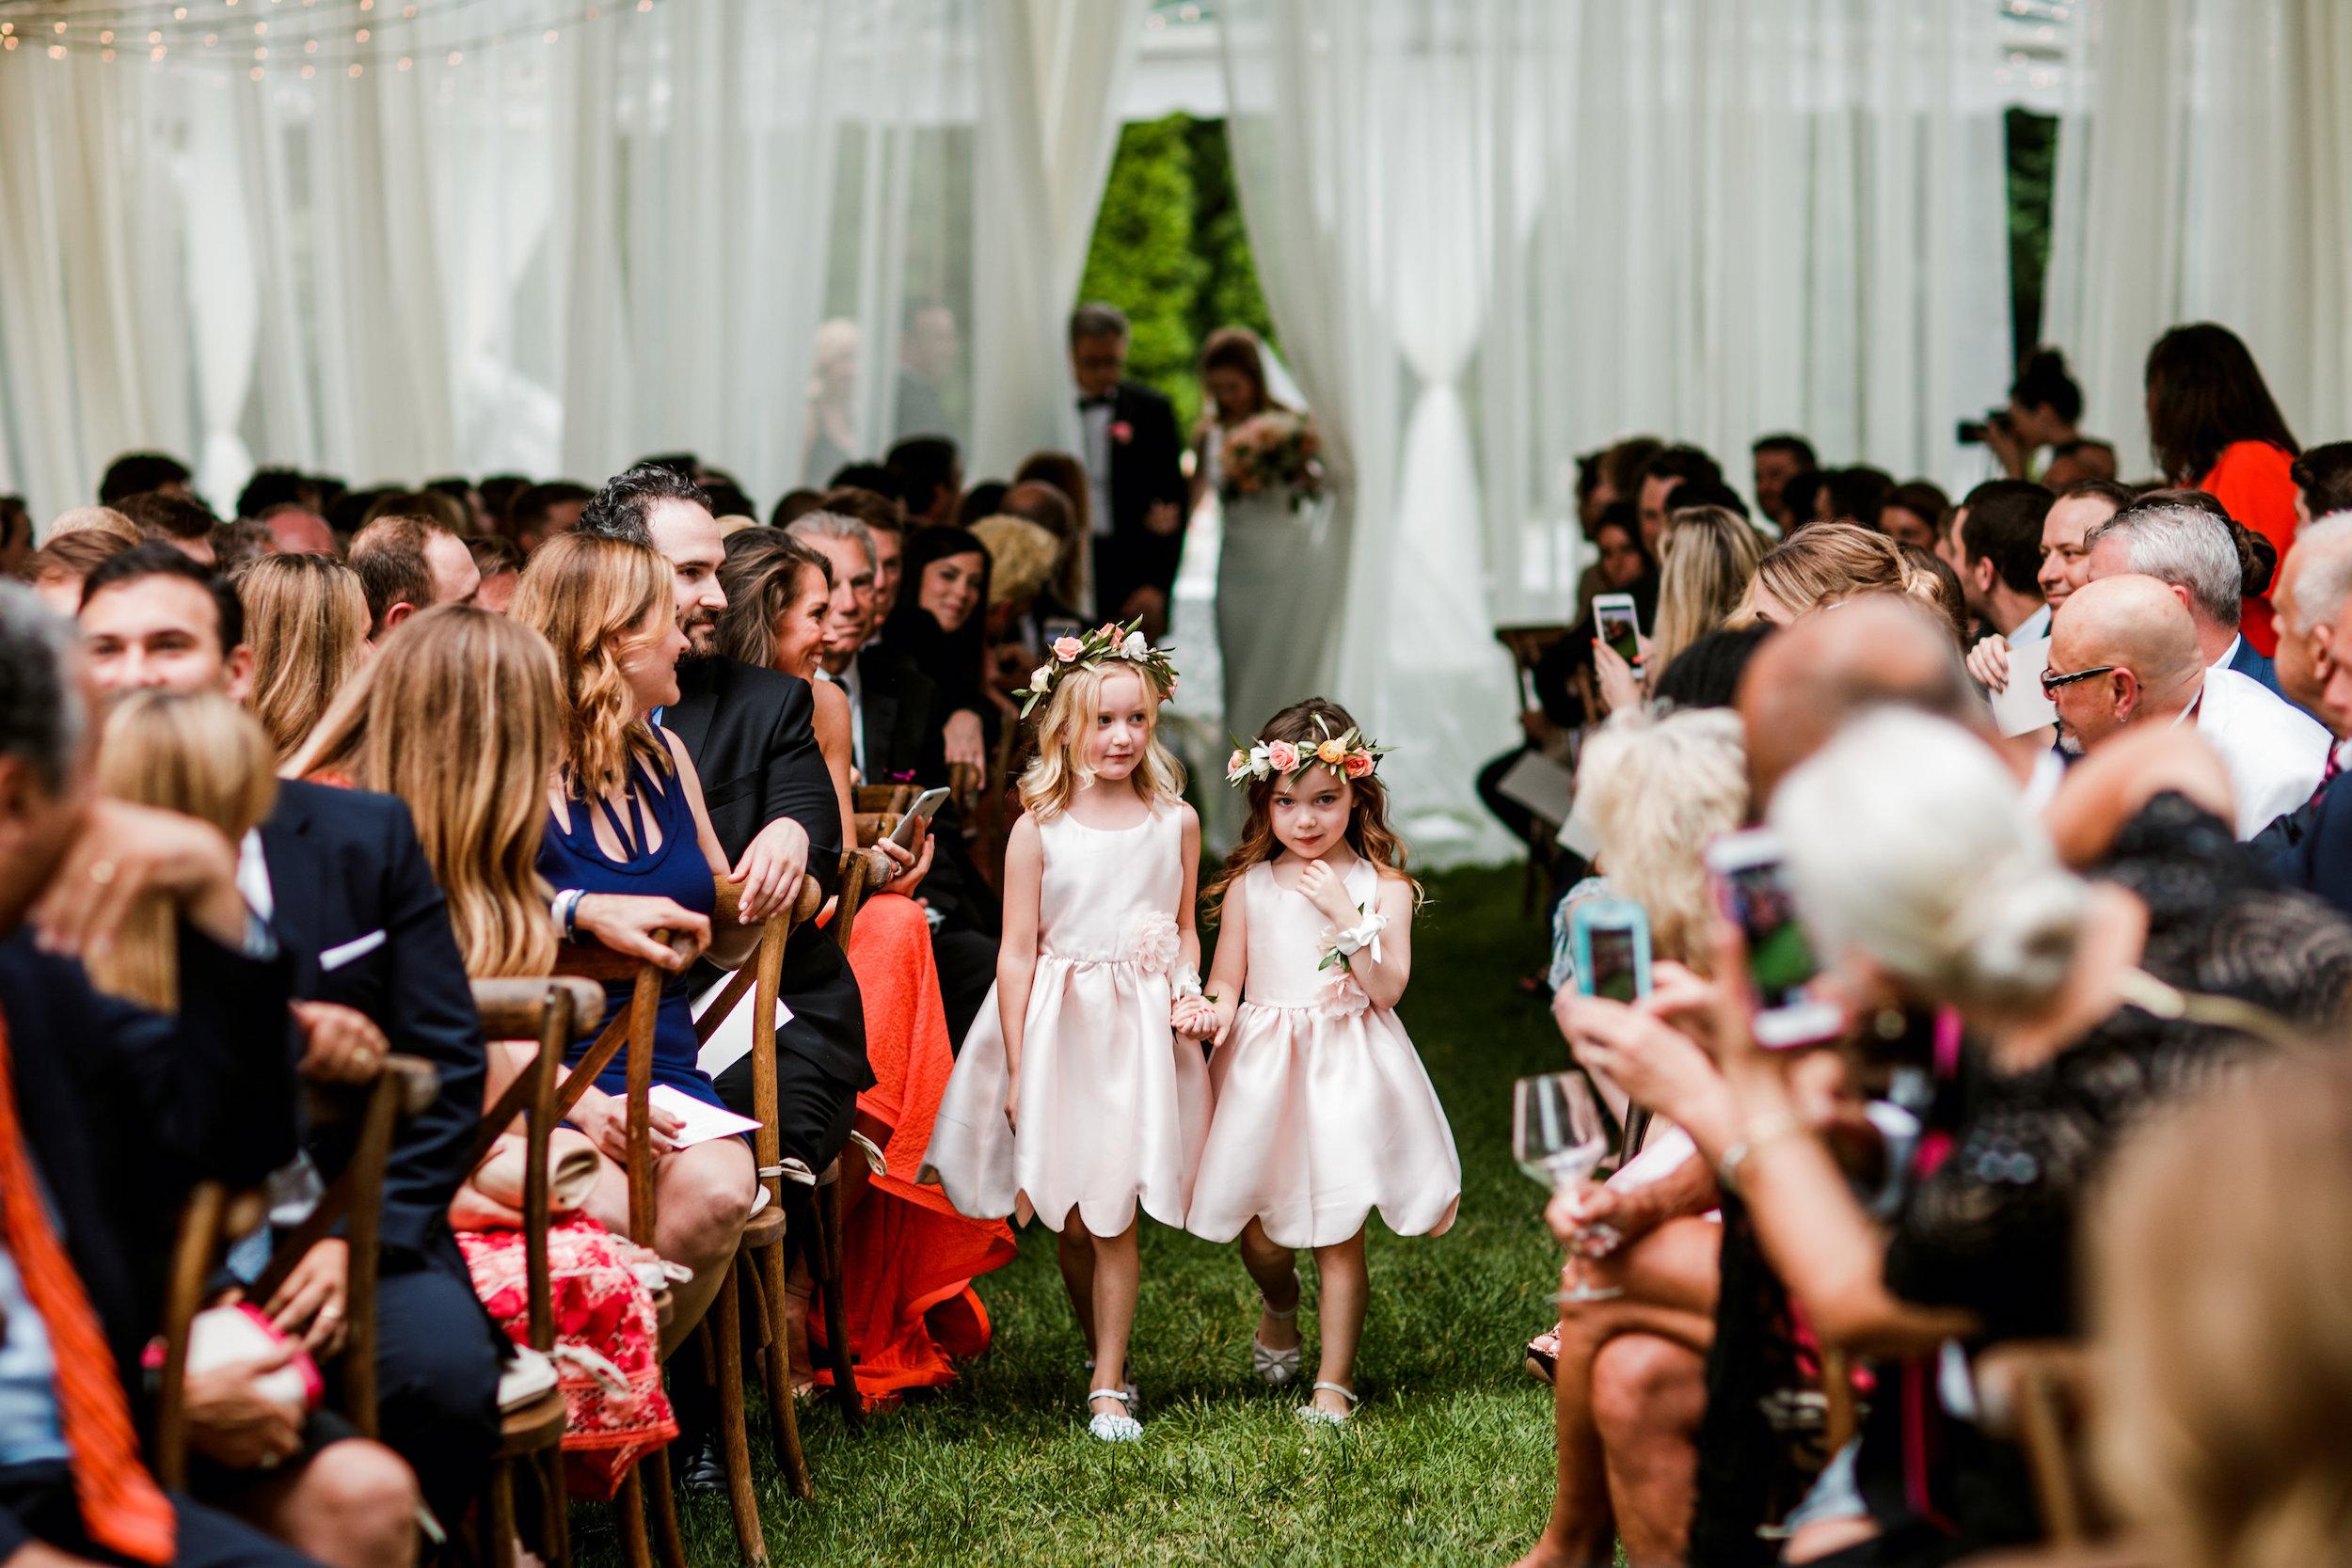 A WEDDING VENUE -